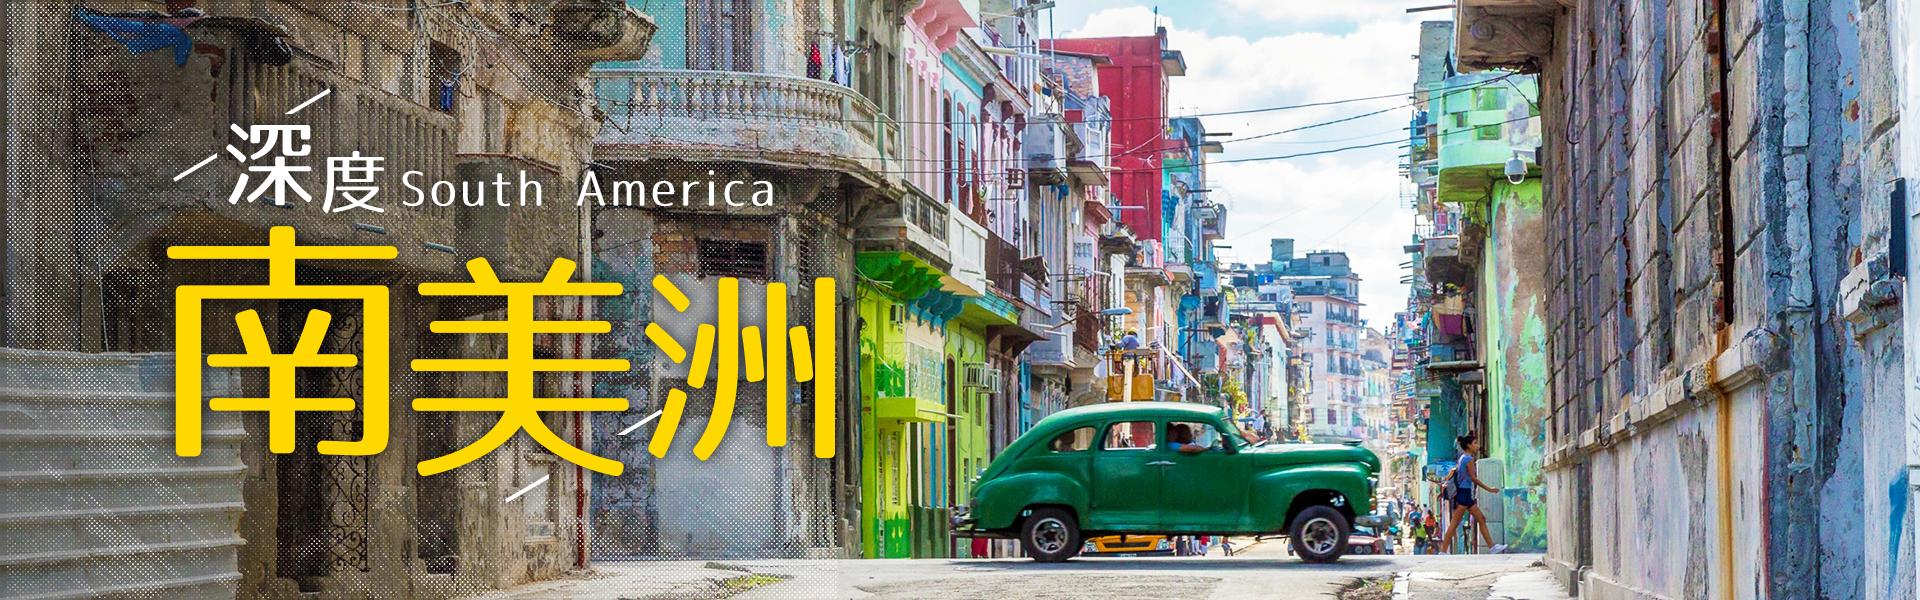 沐樂,沐樂旅遊,mullertravel,中南美洲,古巴